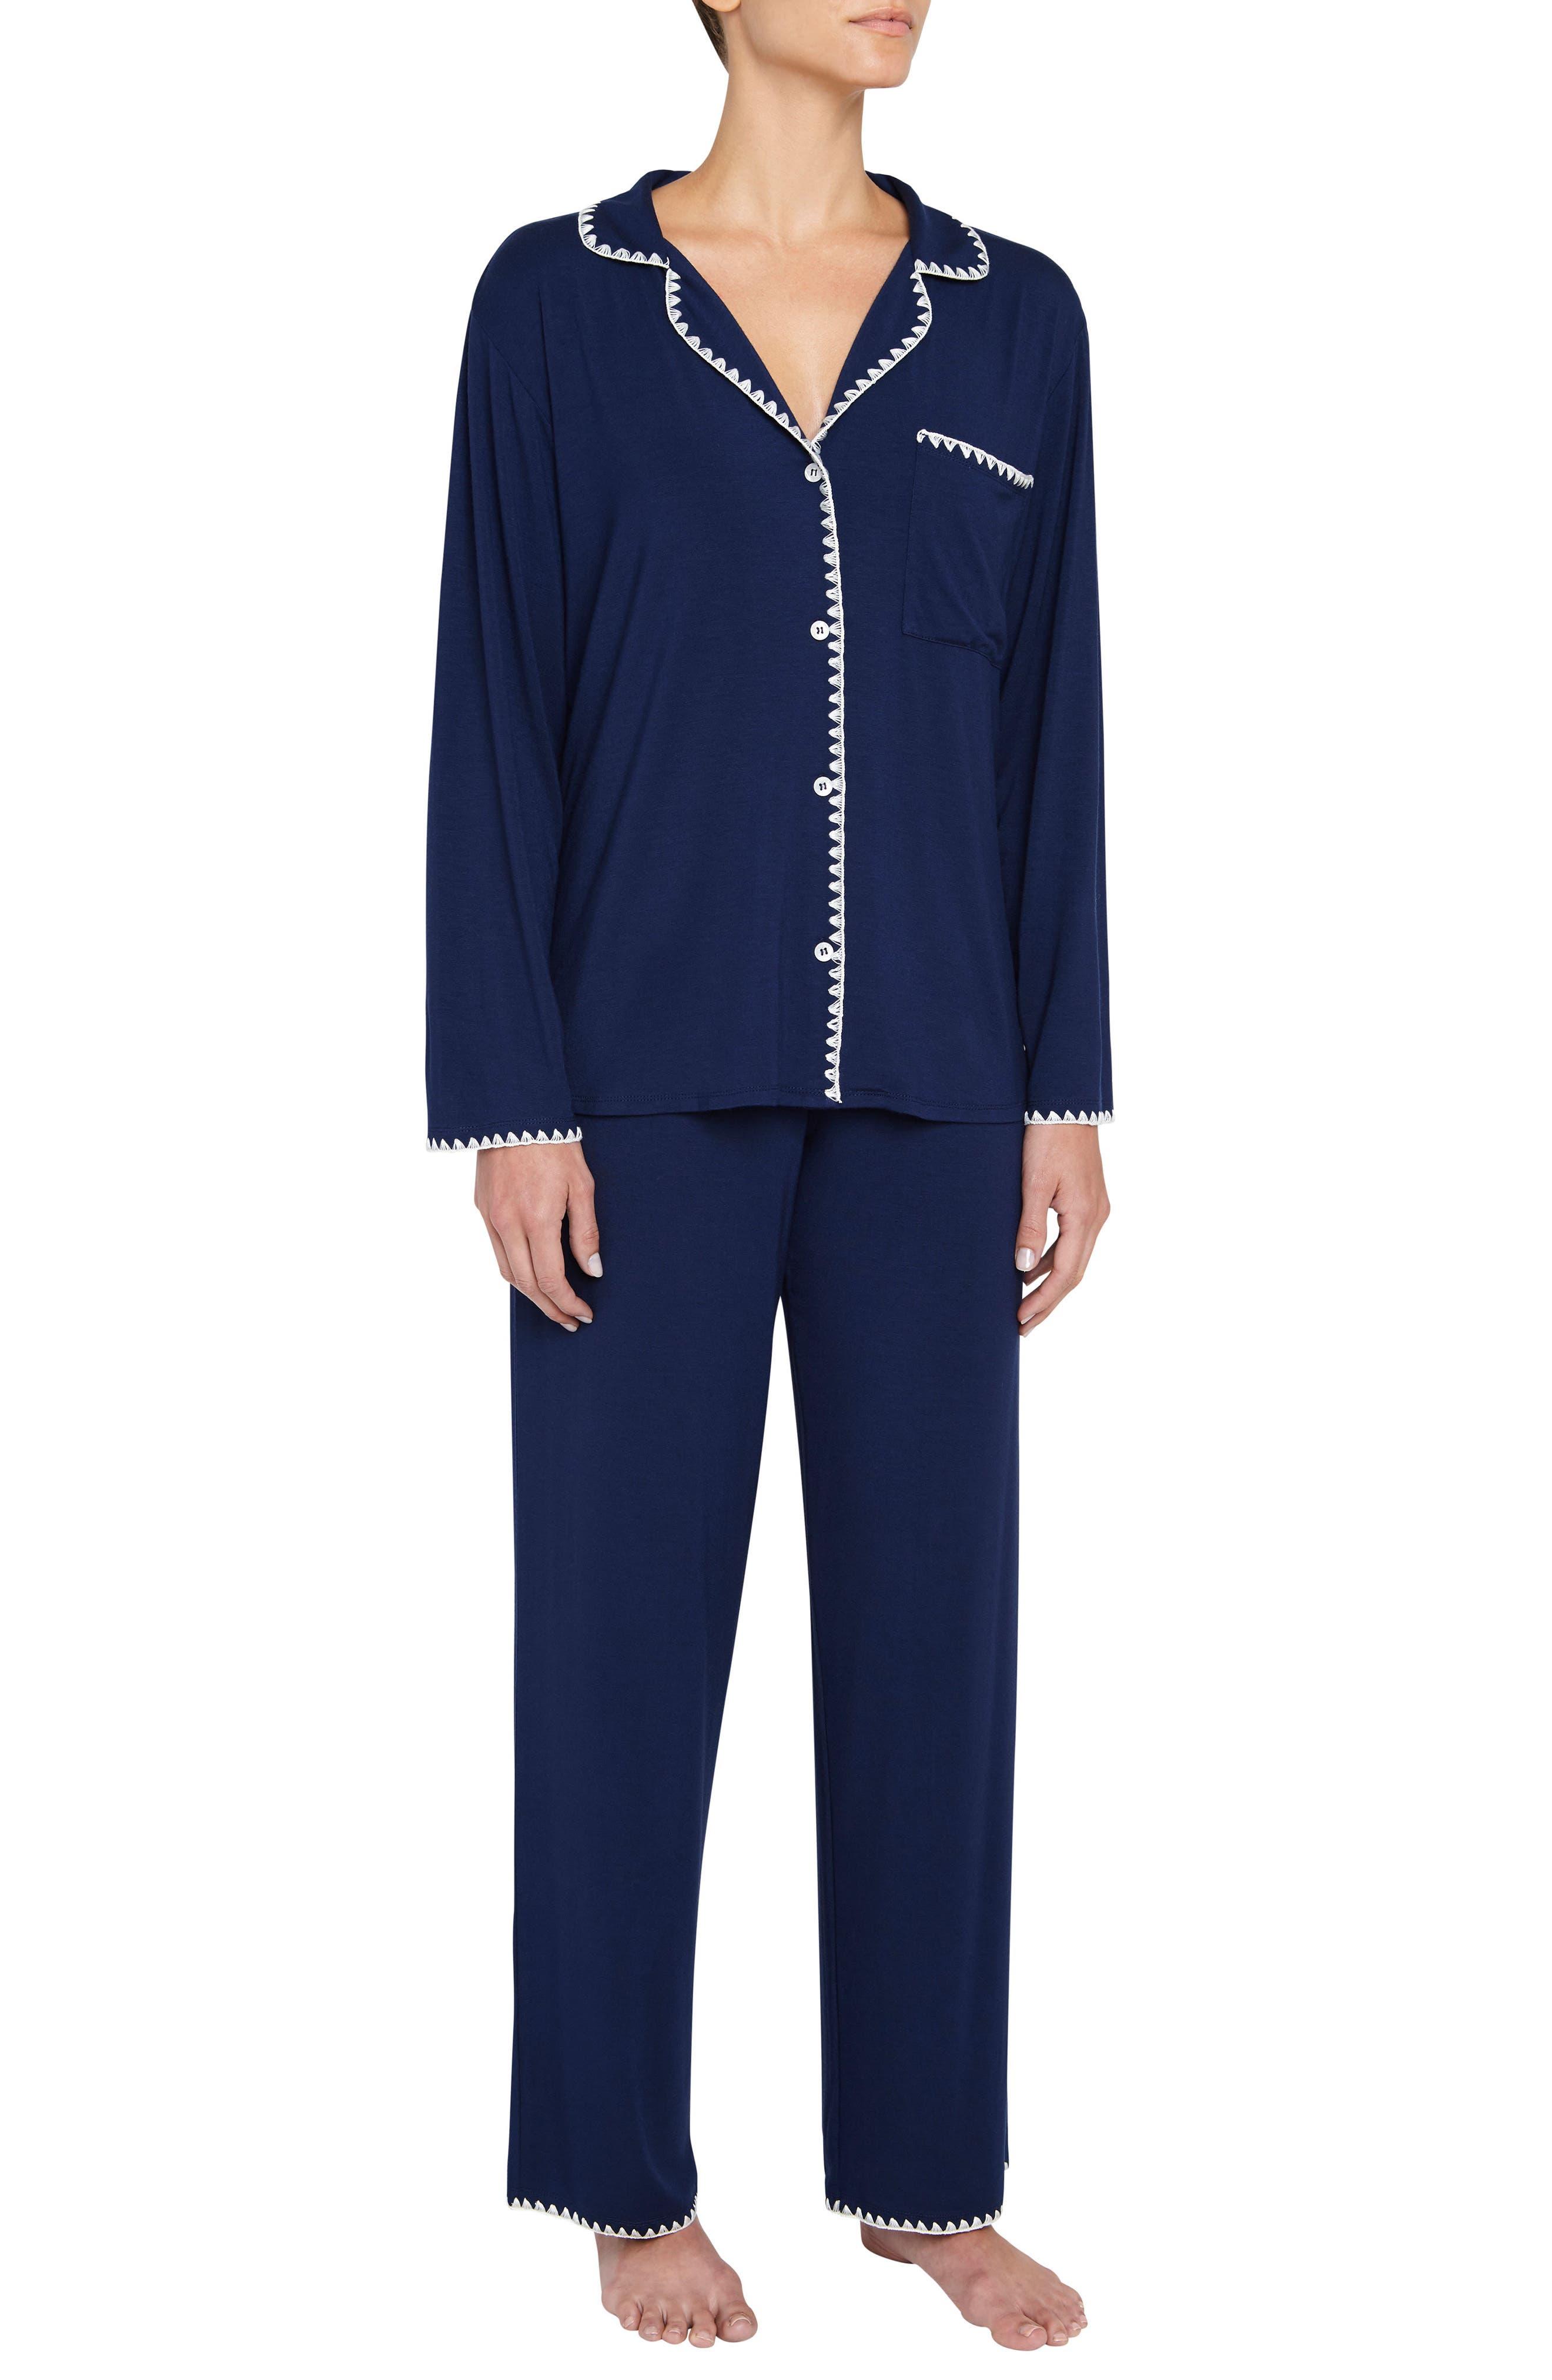 Eberjey Frida the Whipstitch Pajamas